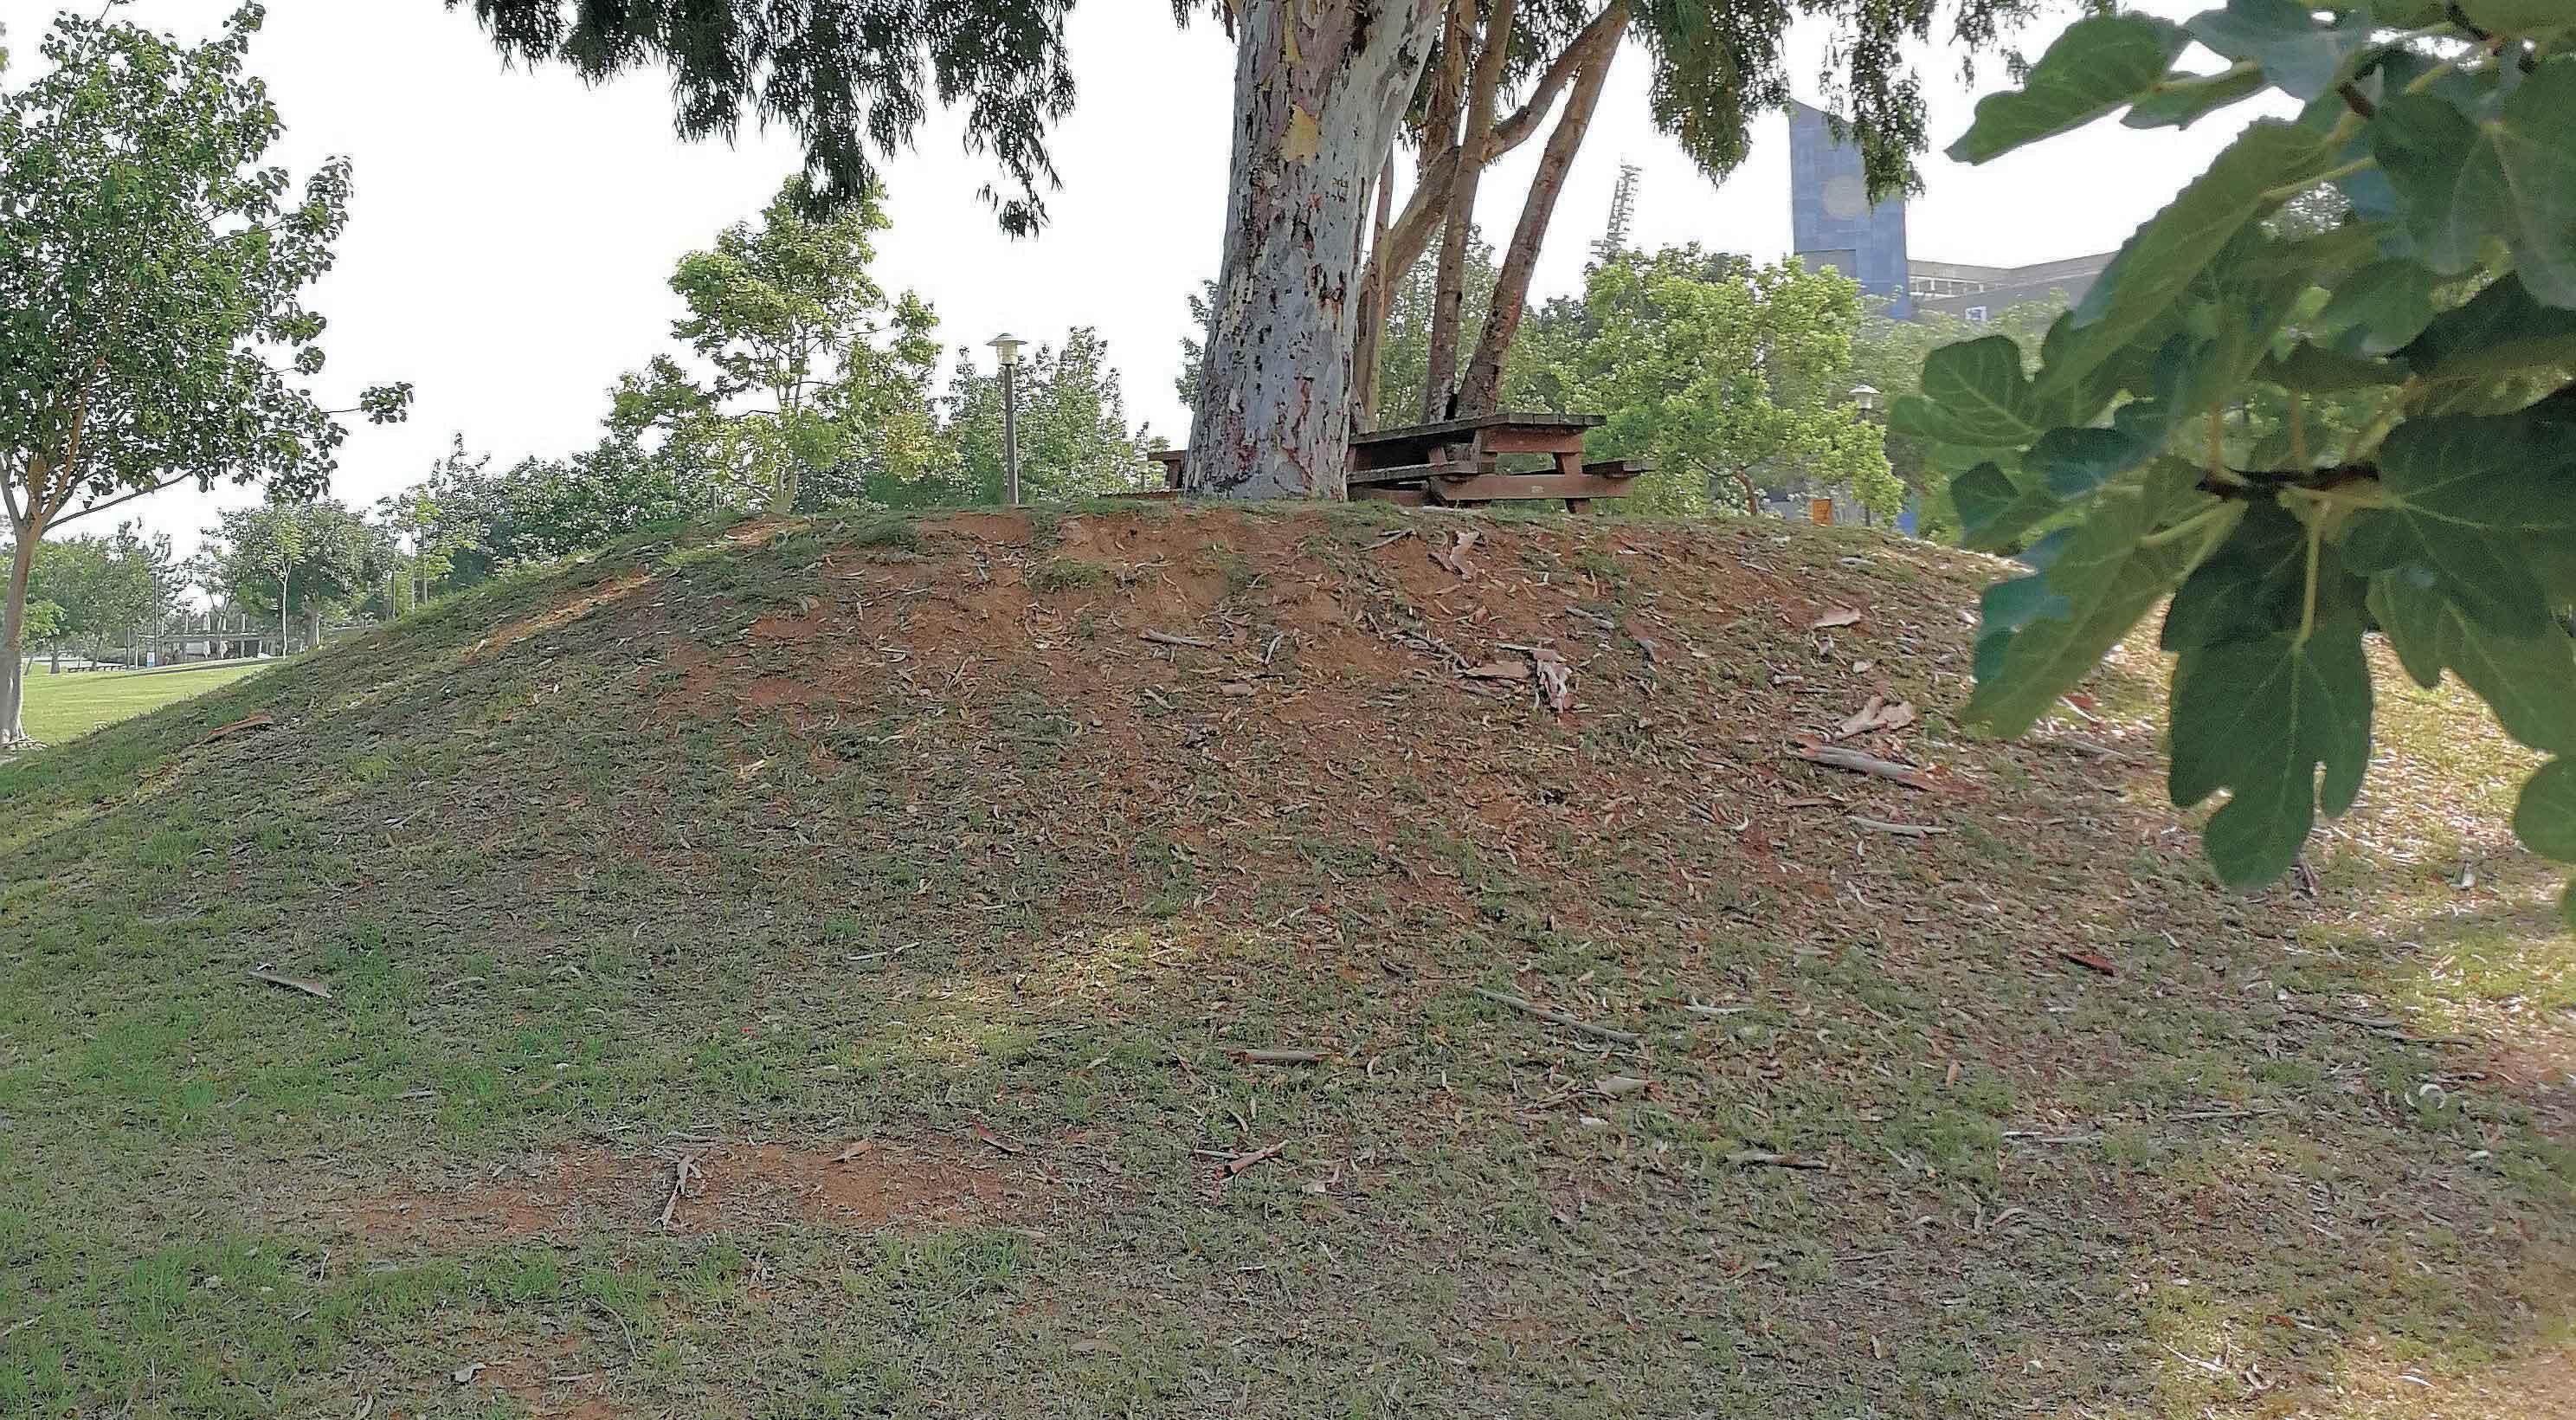 הגבעה בפארק הרצליה. צילום עזרא לוי